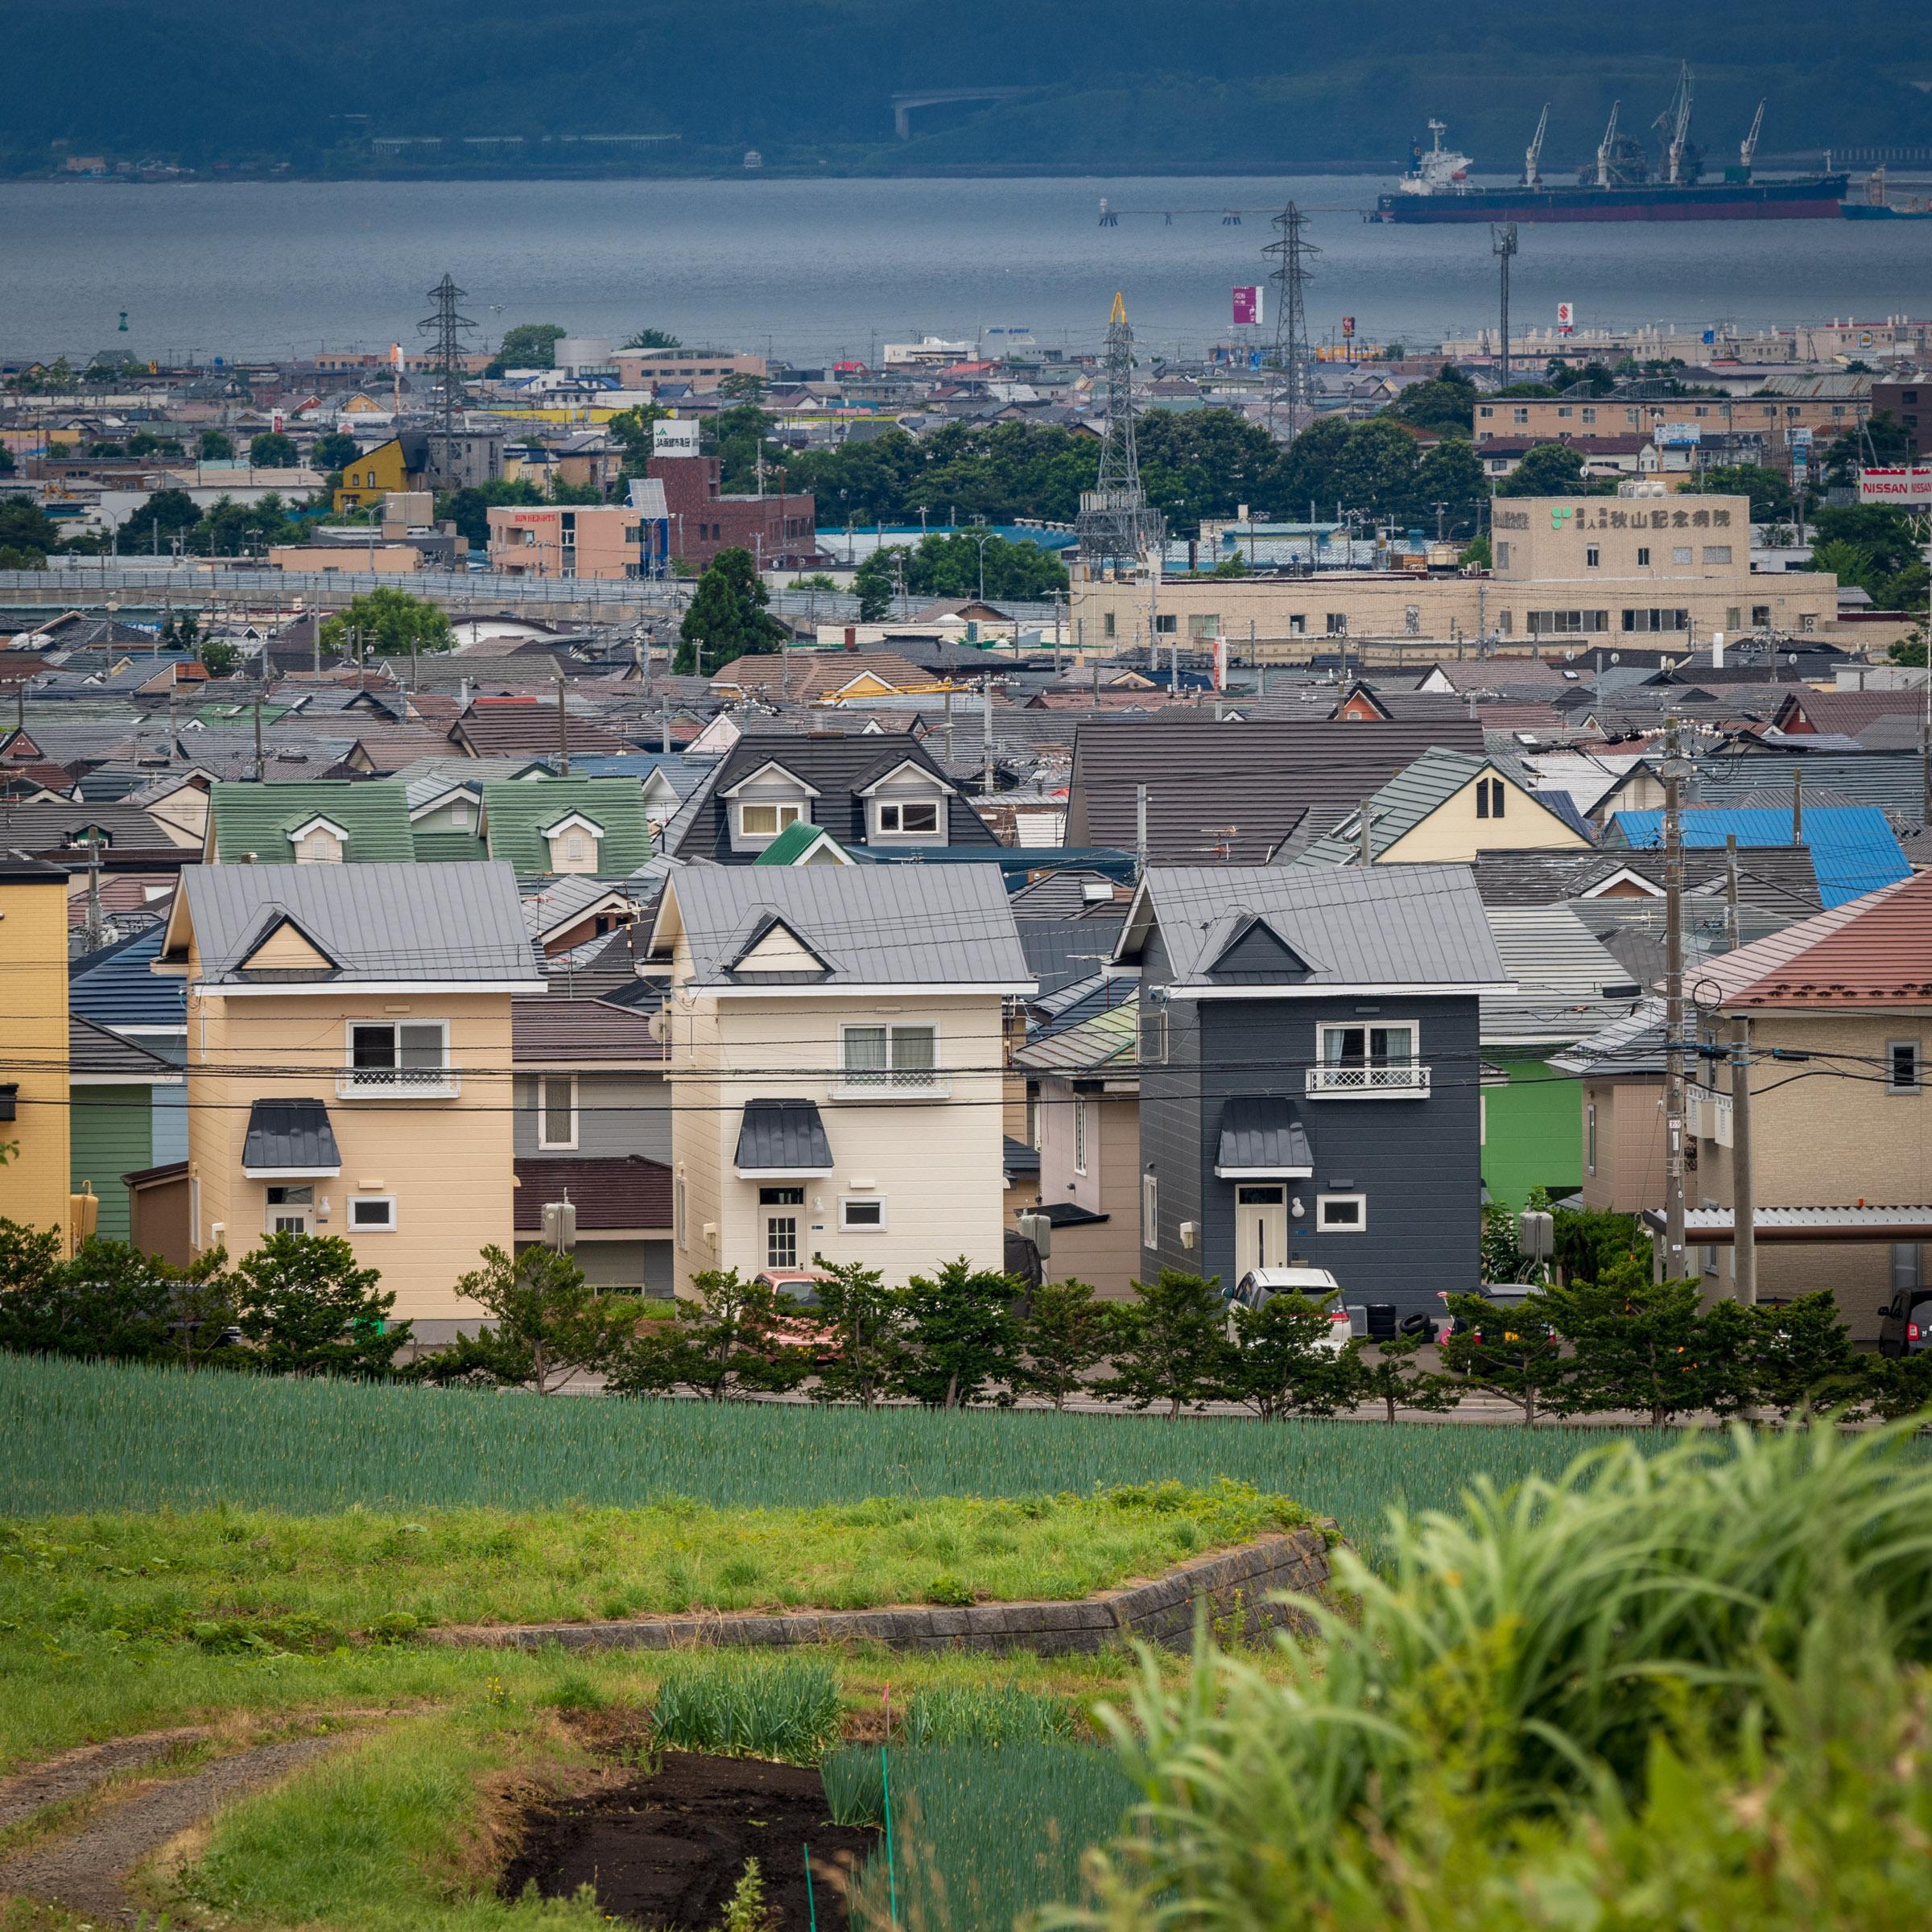 亀田中野の丘から捉えた北美原~西桔梗町~七重浜方面の街並みと函館湾